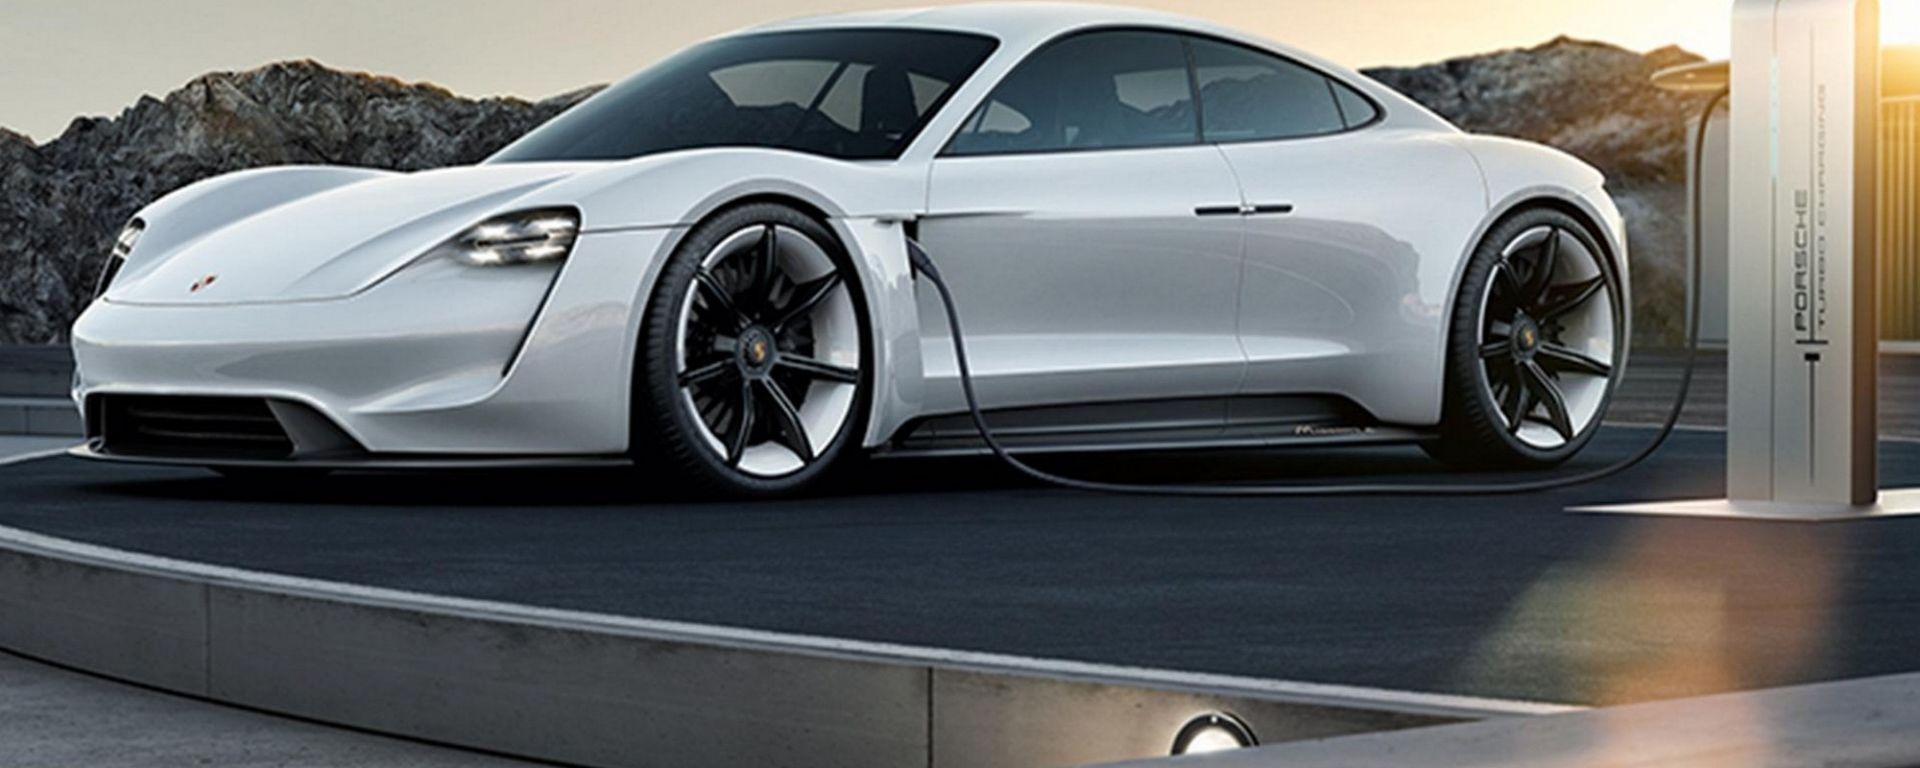 Porsche Mission E, la prima elettrica di Porsche